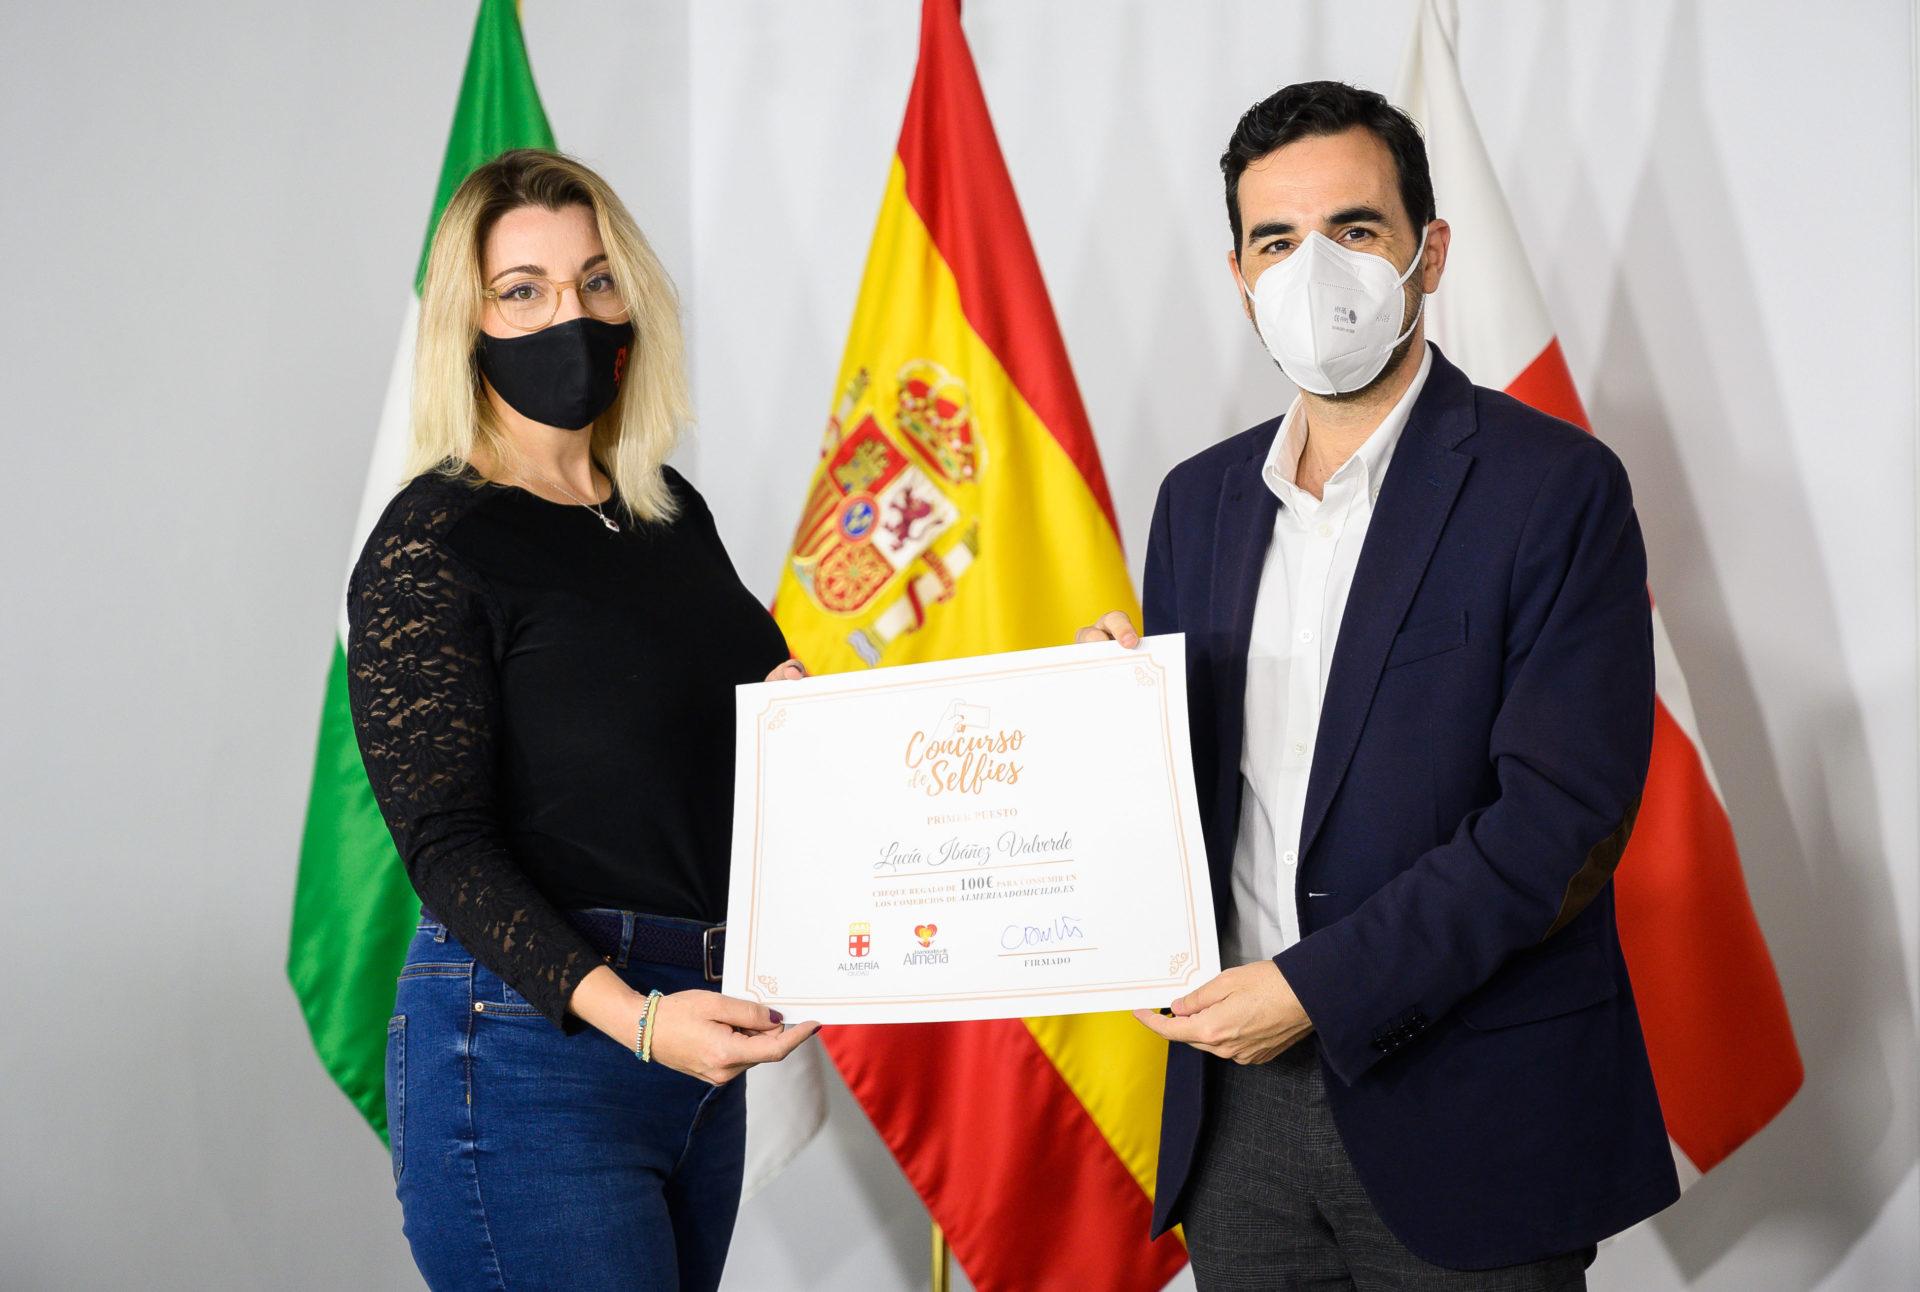 Lucía Ibáñez gana el 'Concurso de Selfies de Semana Santa' del Área de Promoción